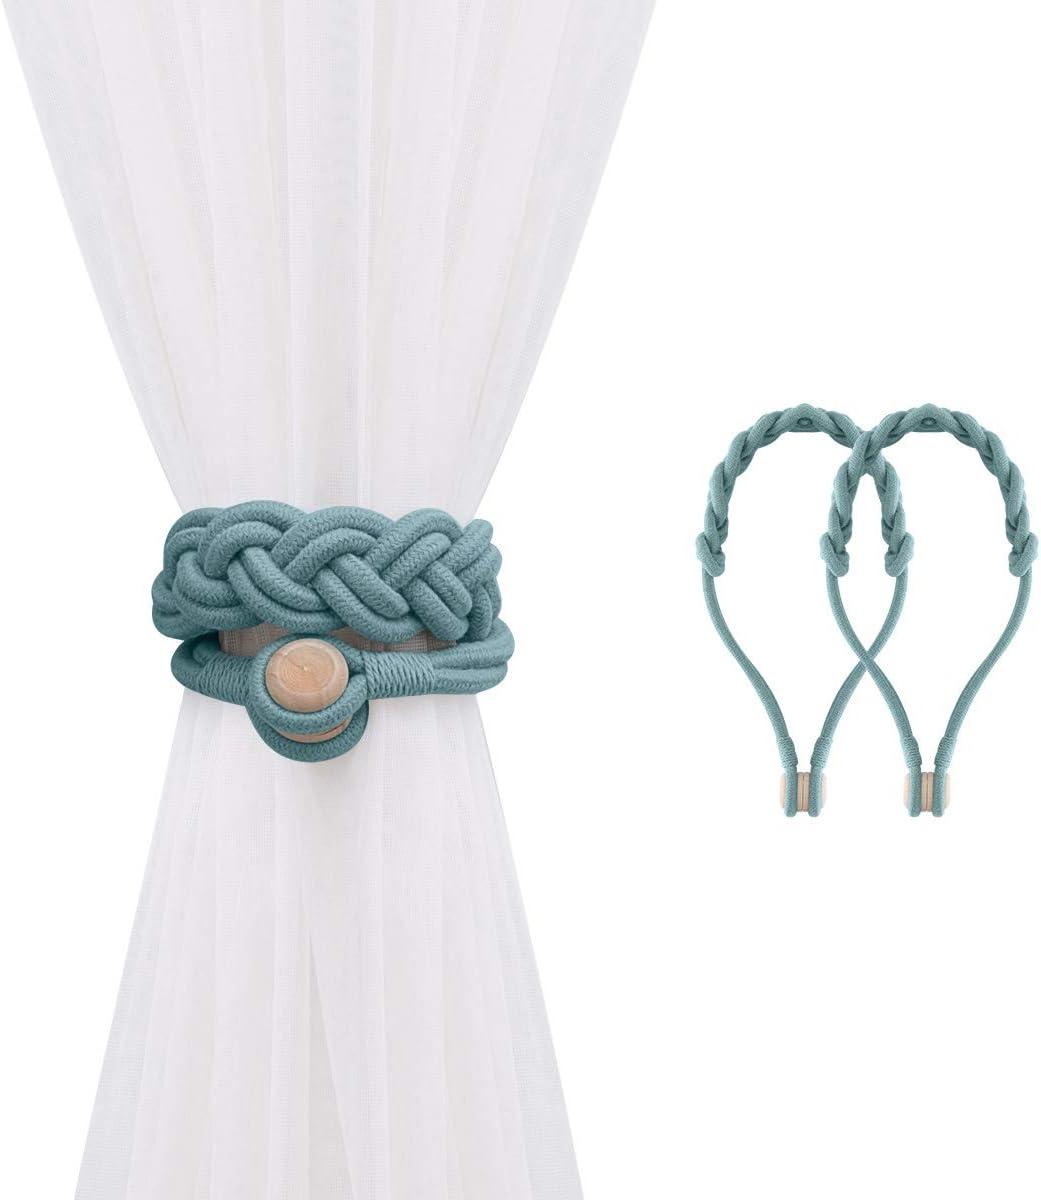 Corde de Rideau Tiss/é avec Boucle en Bois Durable Chambre Salon D/écoration pour Maison Boucle de Rideau en Coton Tress/é Lewondr Embrasses pour Rideaux Magn/étique, Gris Bleu 2 PCS